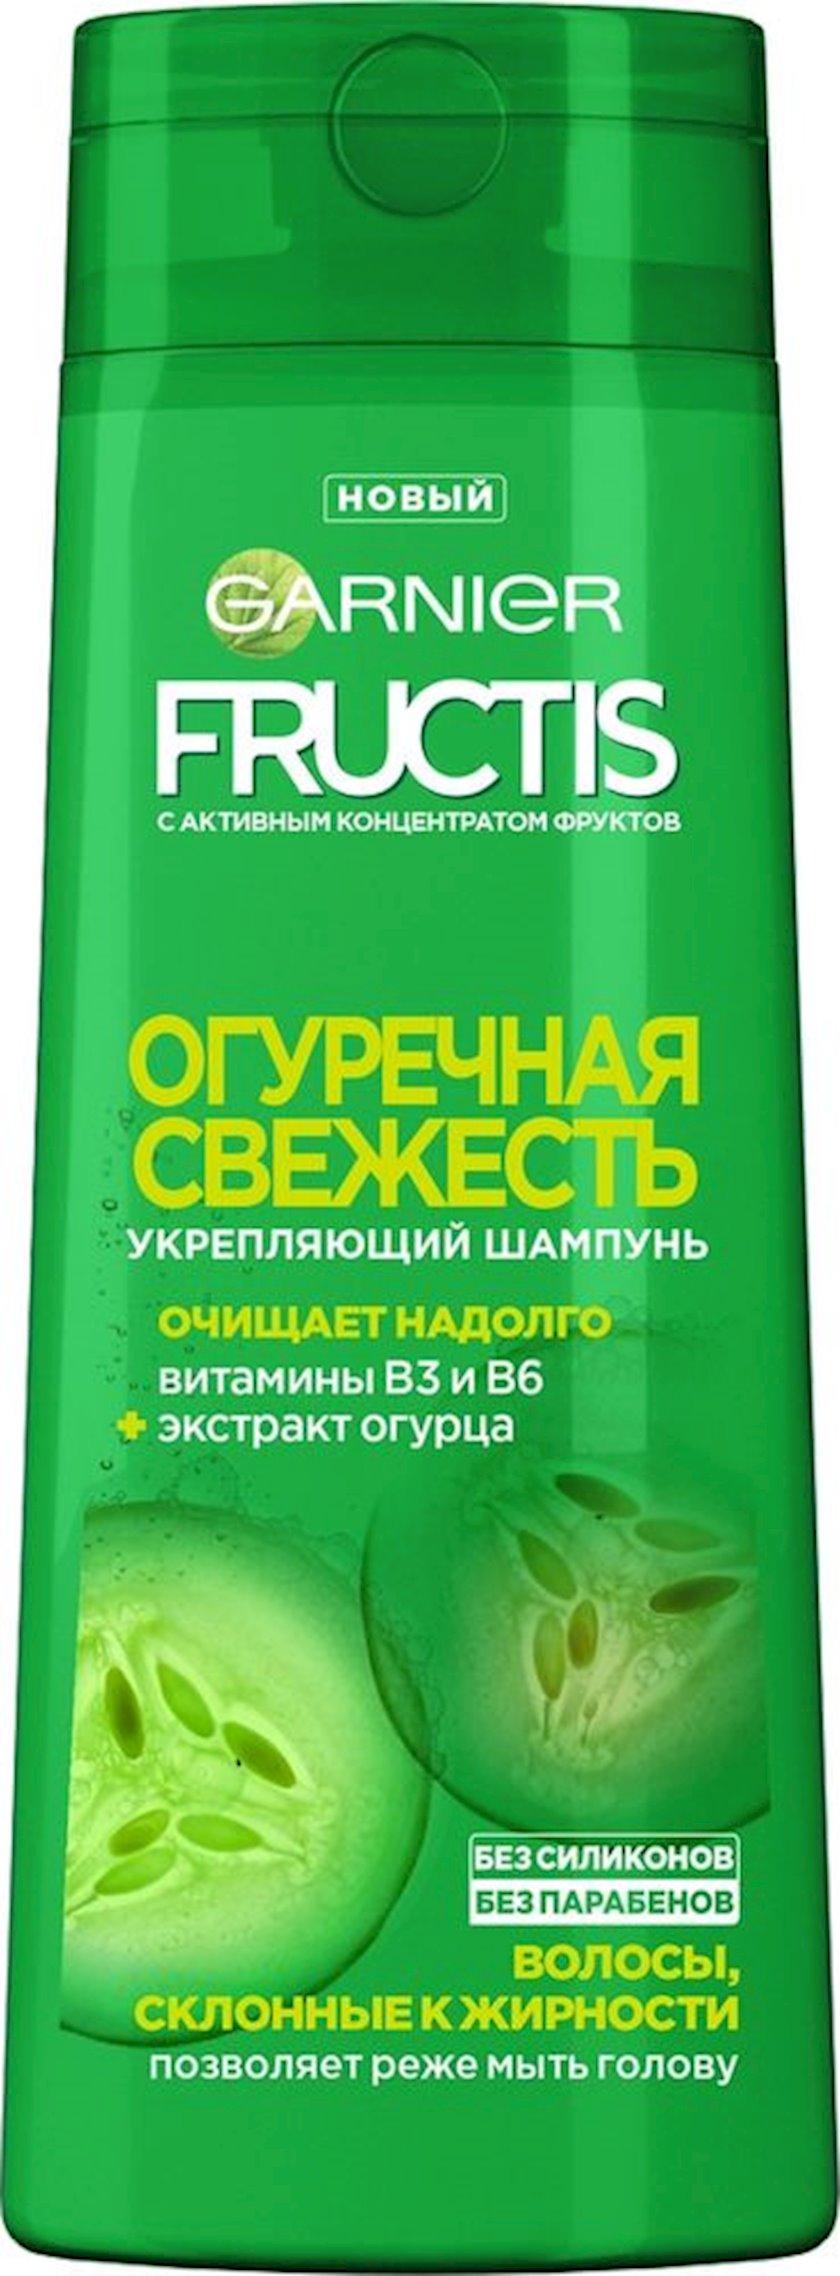 Şampun Garnier Fructis Xiyar təravəti, 400 ml